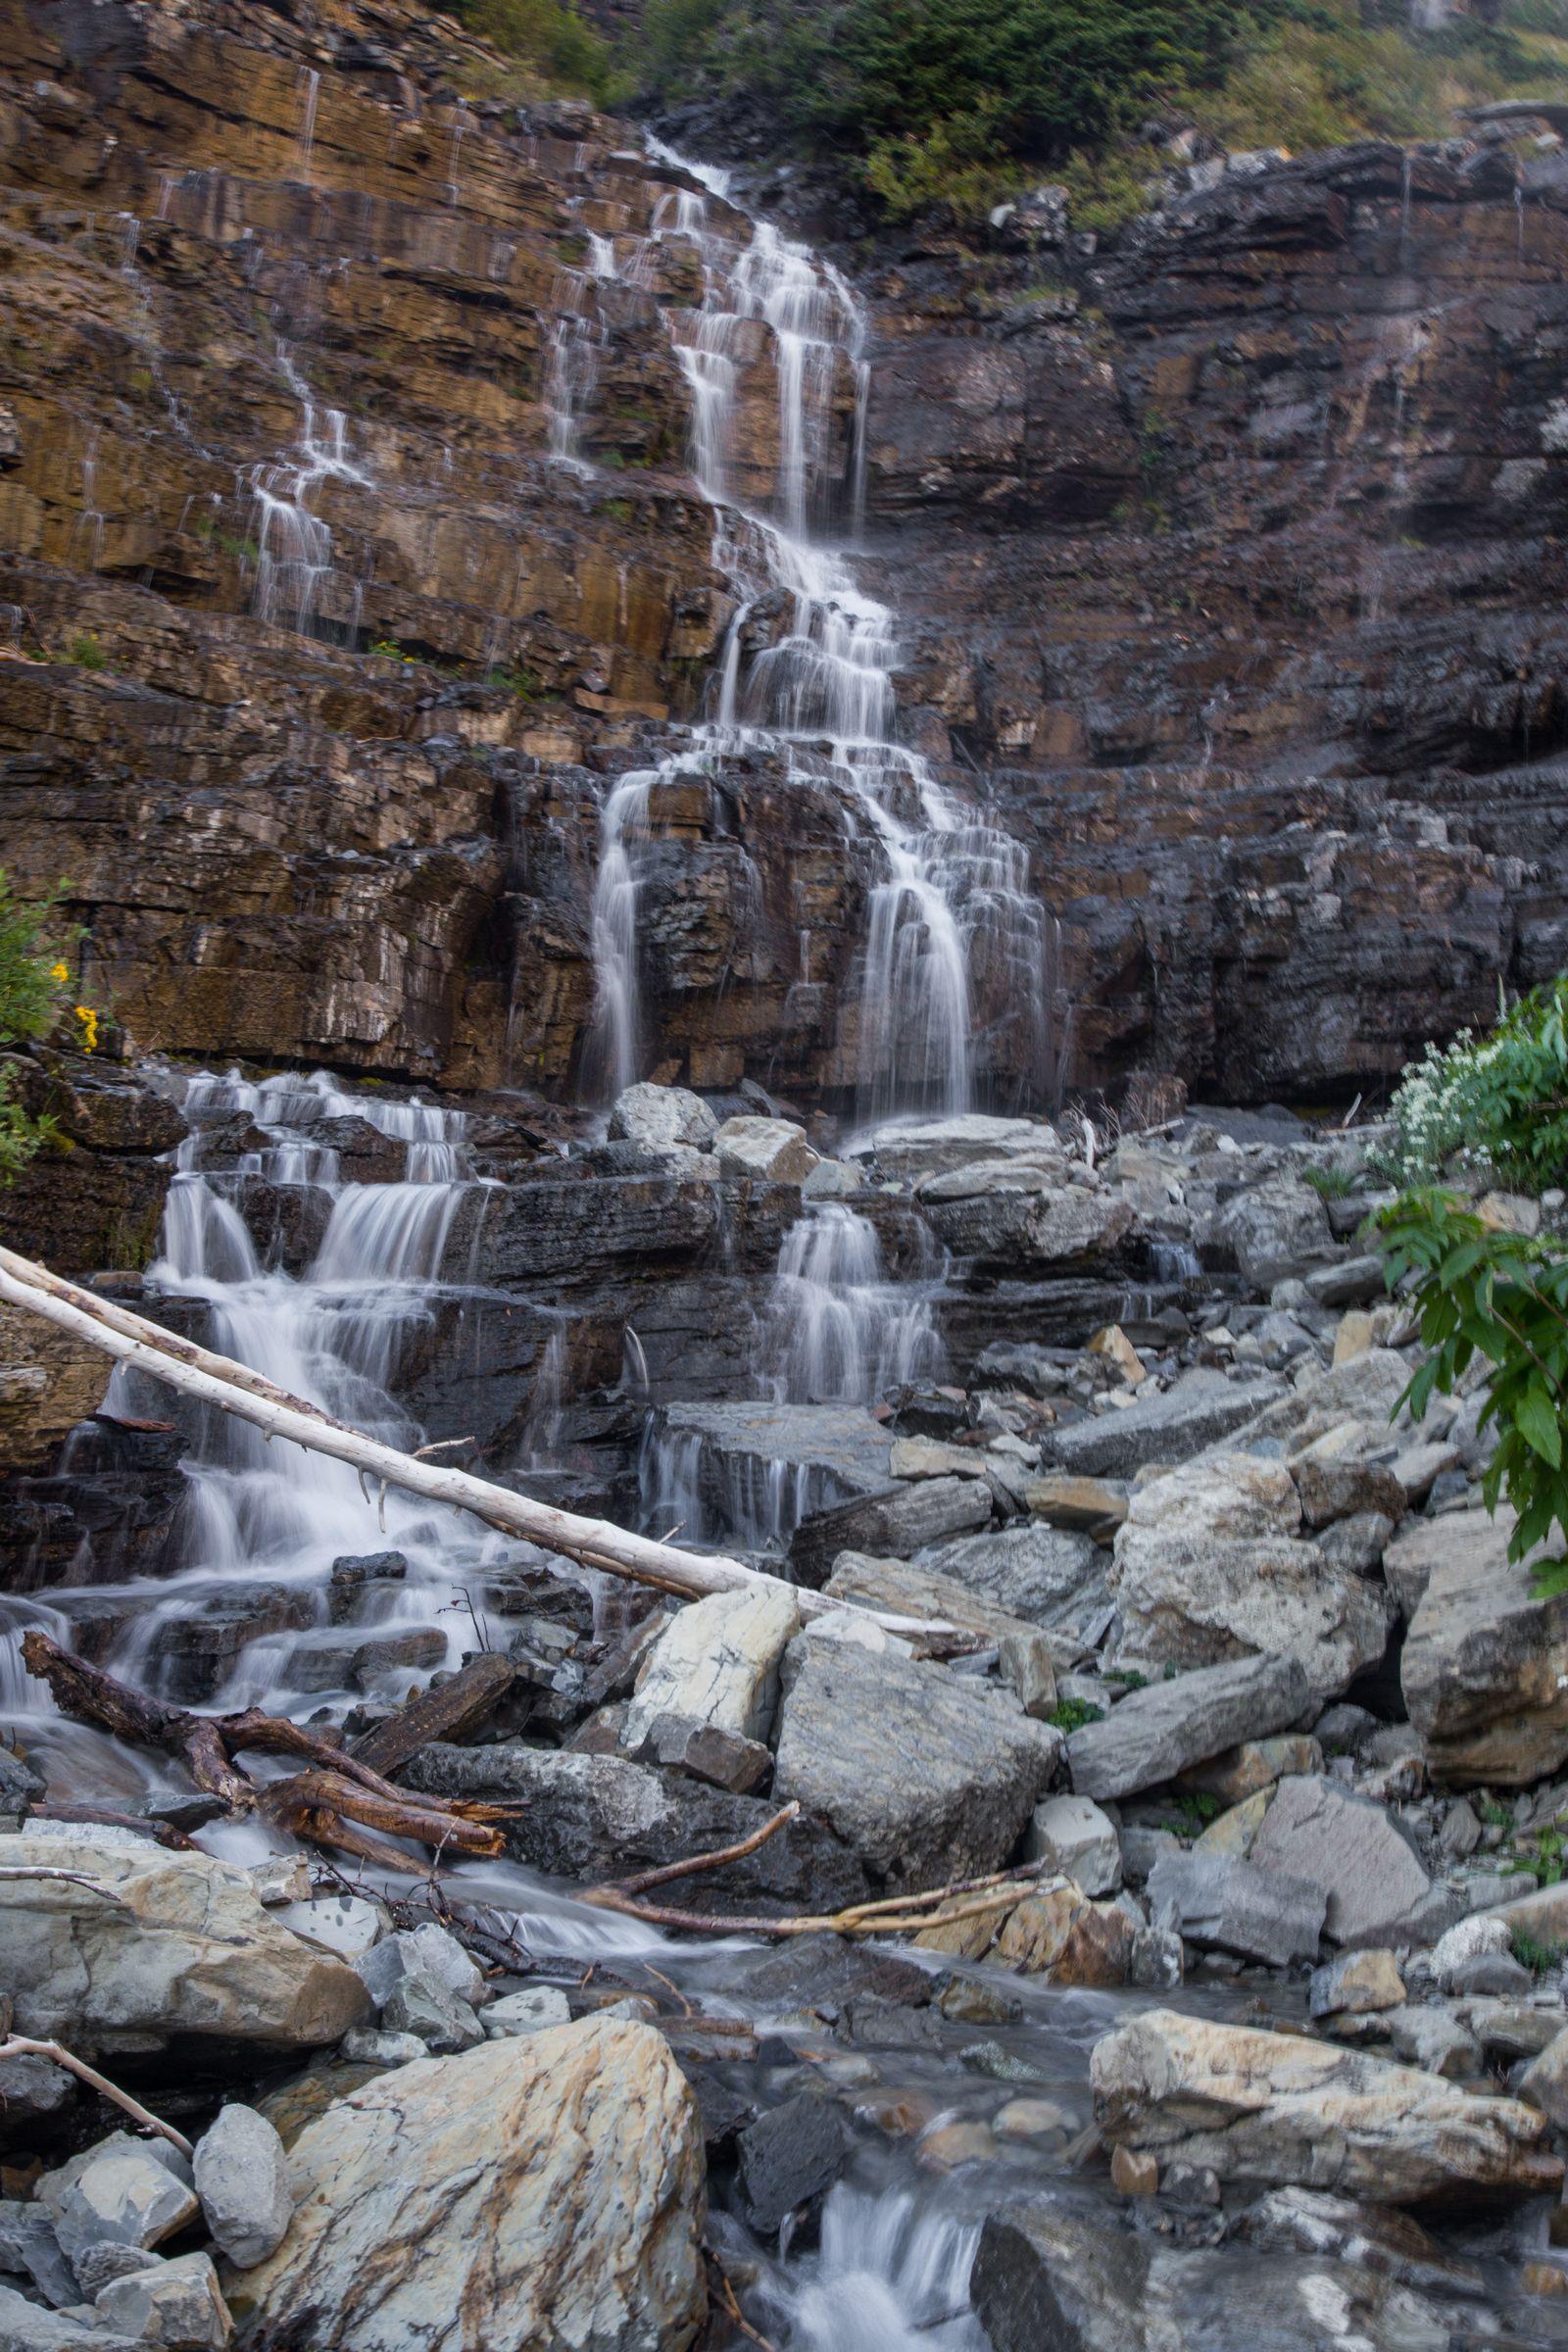 Uno de los saltos de agua junto al Weeping Wall